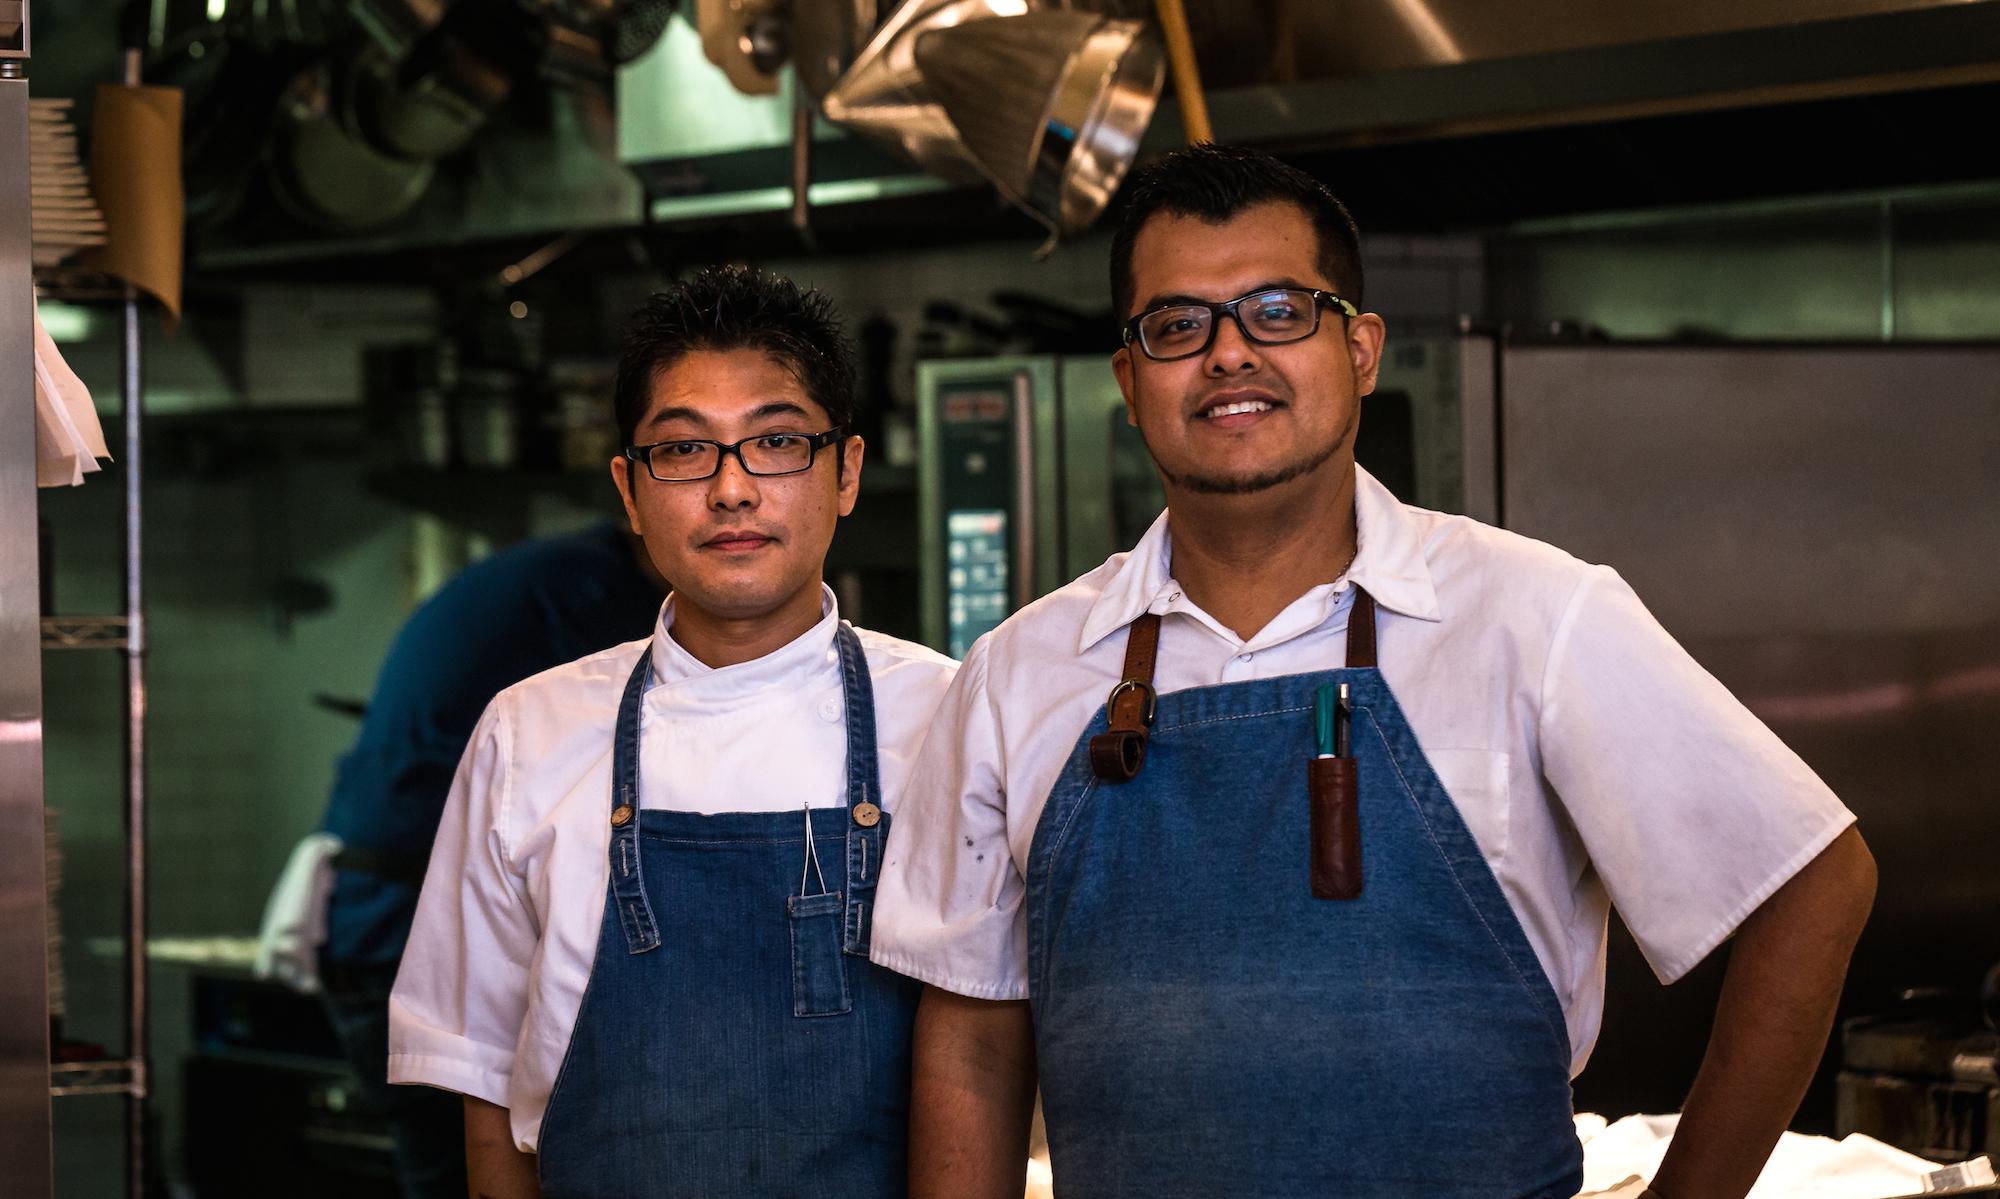 More kudos for chefs Horinoue and Posada